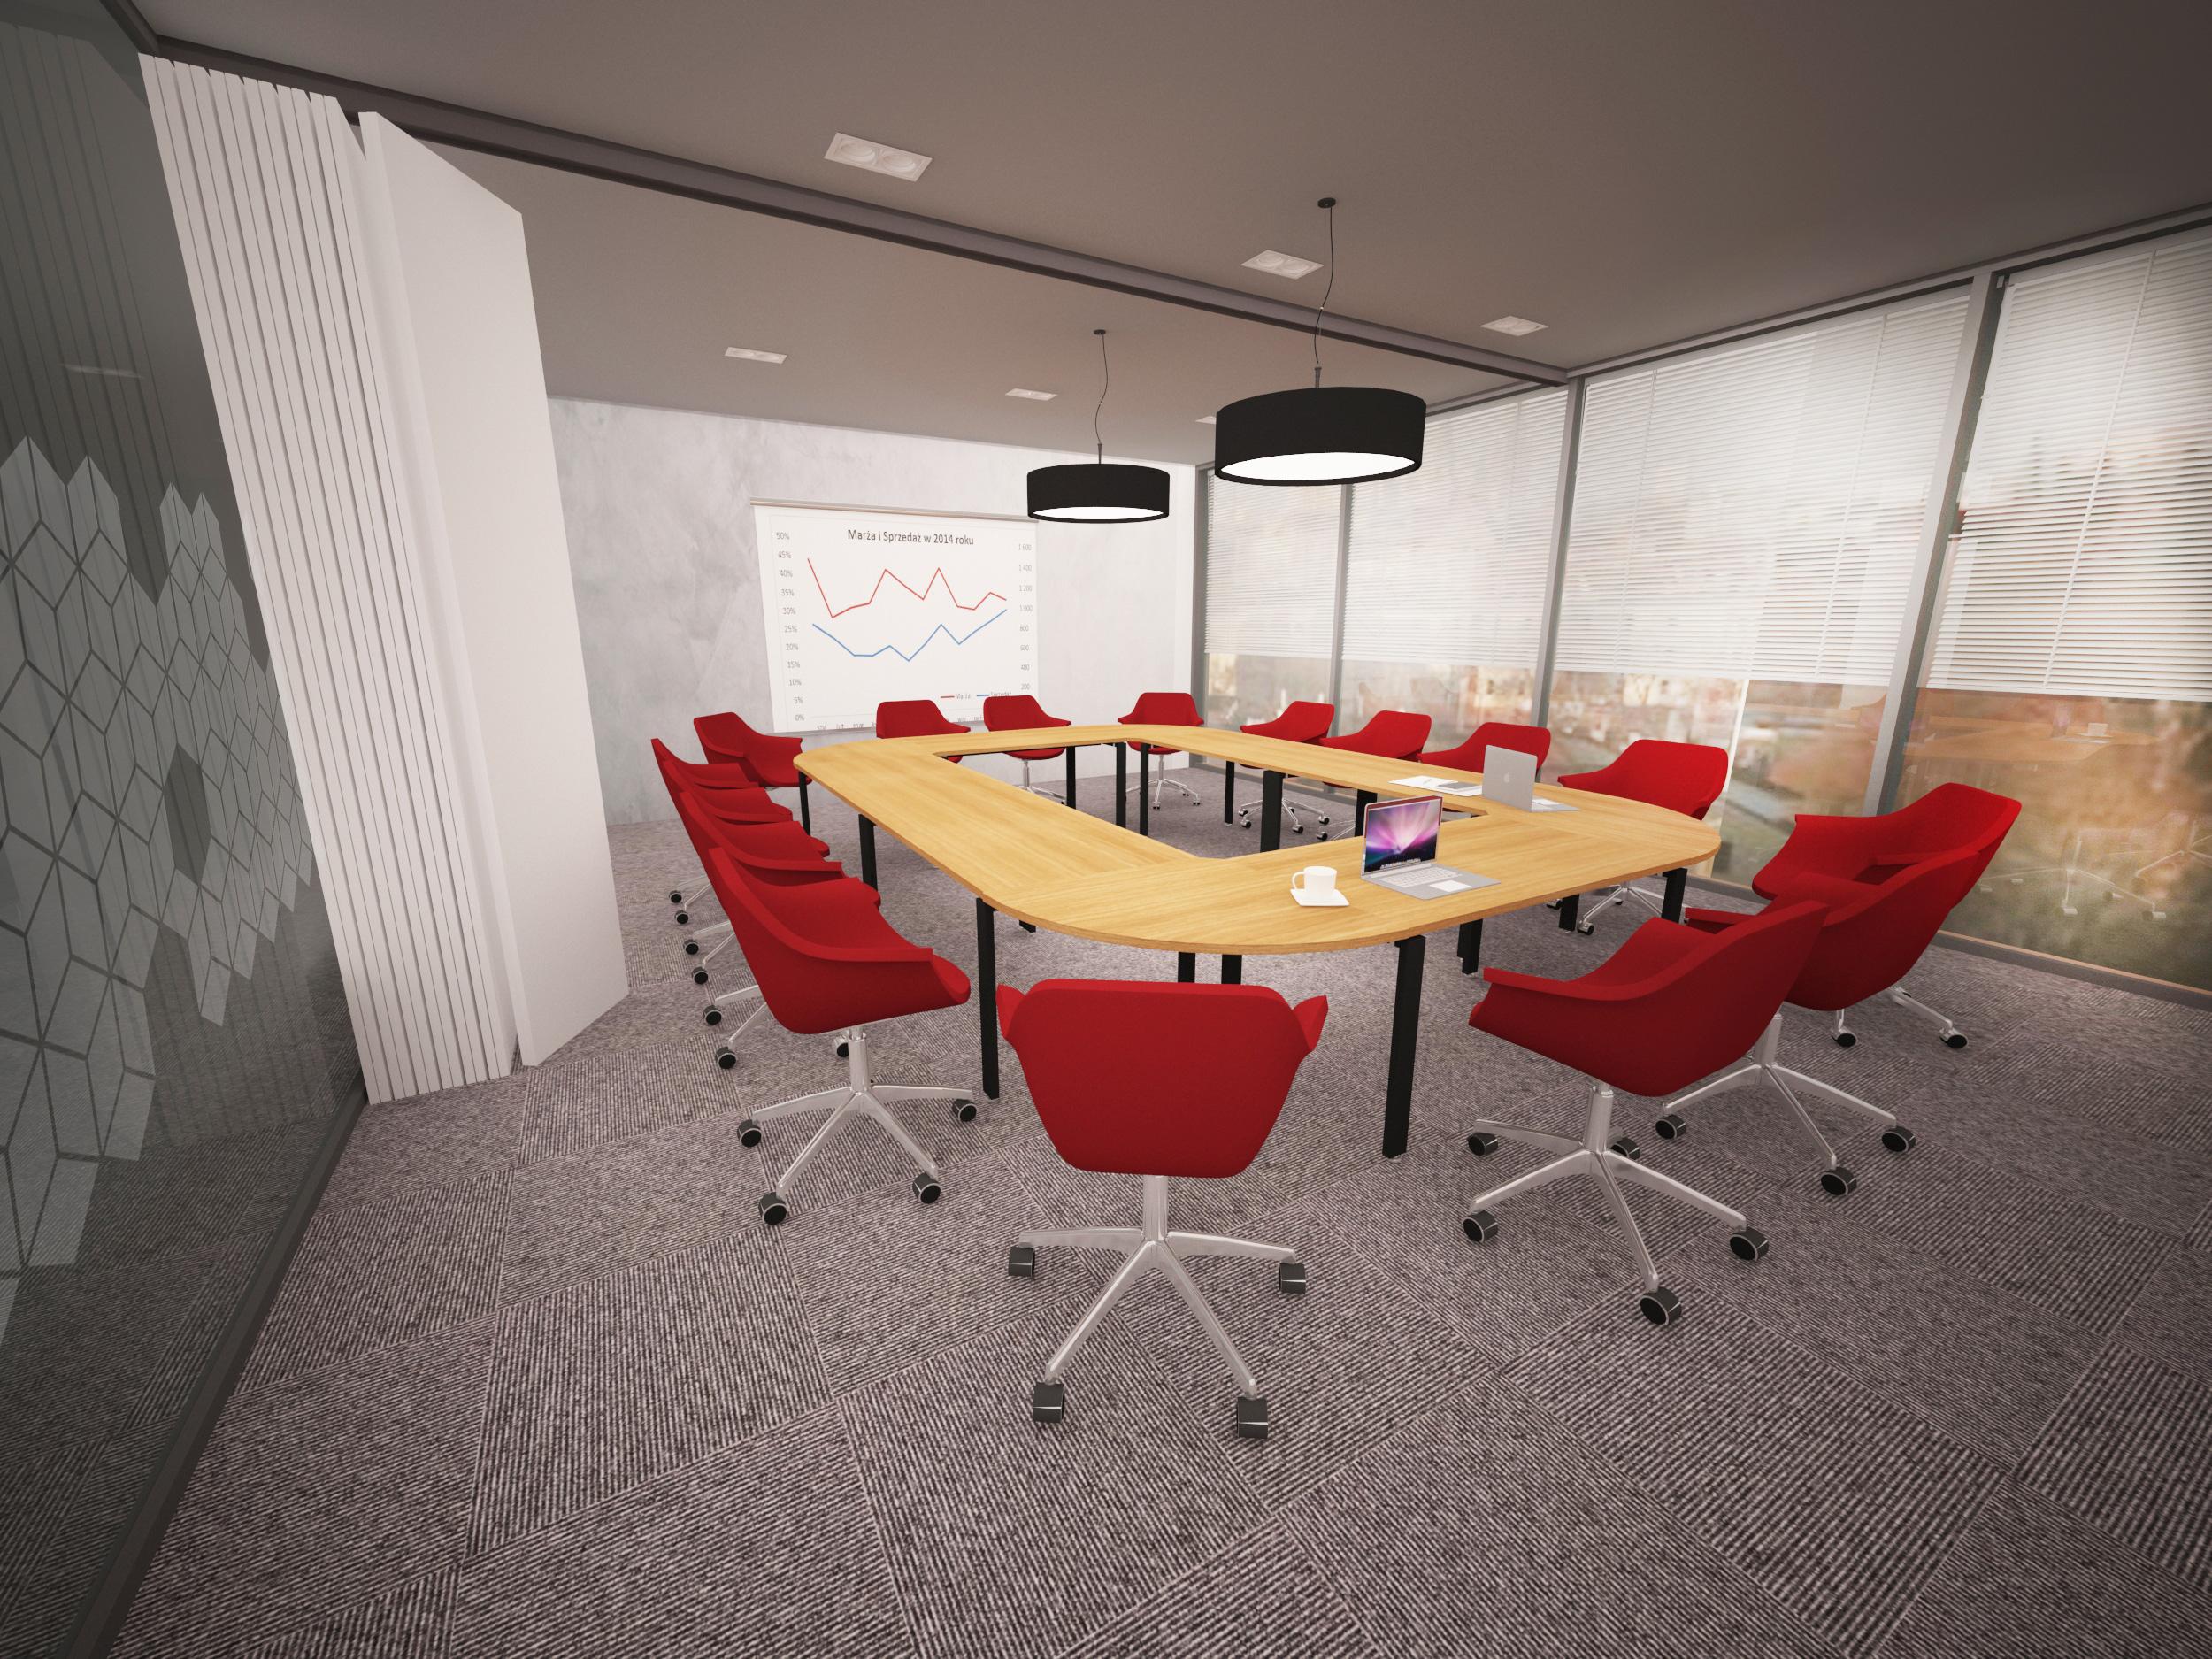 bergerat monnoyeur, budynek biurowo-serwisowy, wnetrze, sala konferencyjna, caterpillar, czerwien, 2015